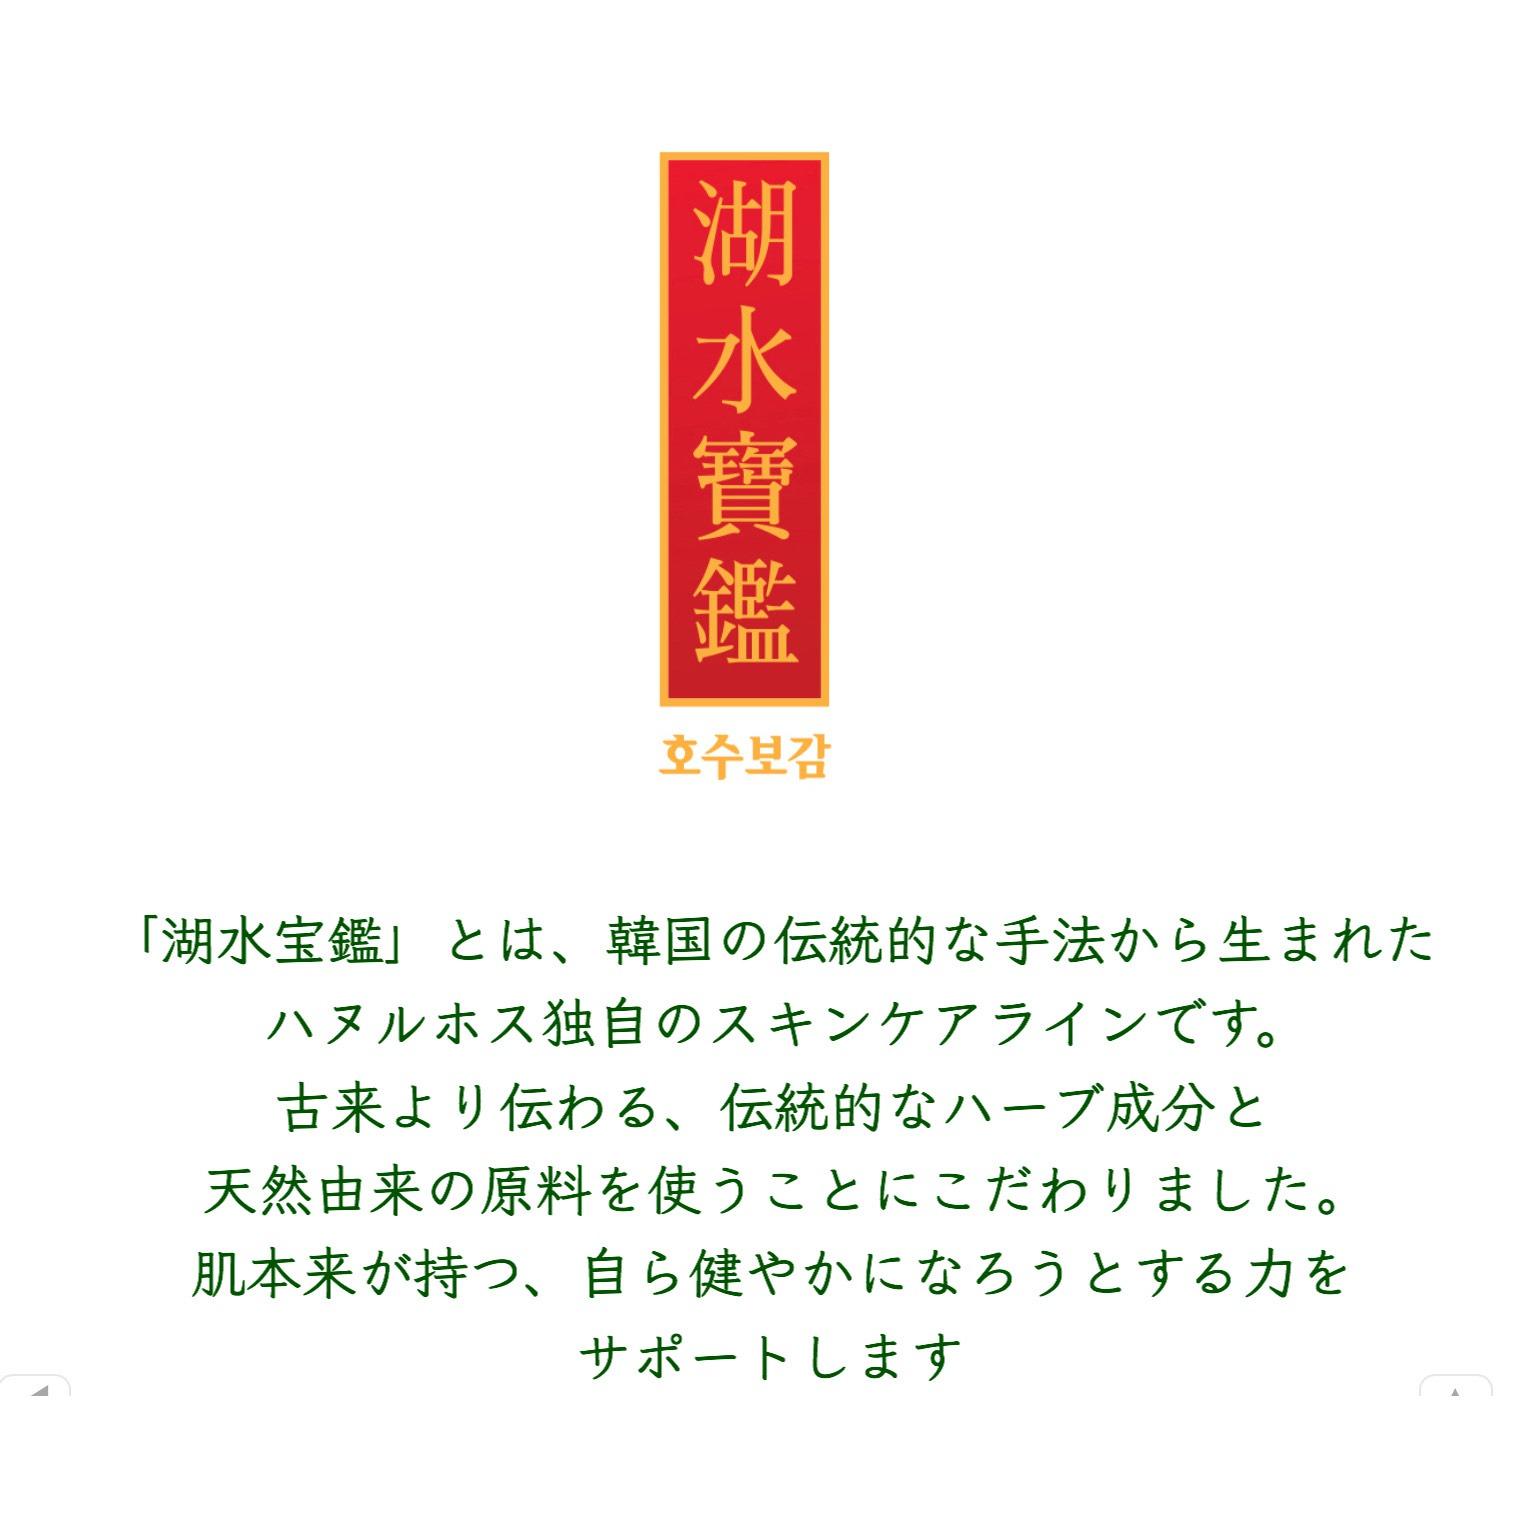 10%off 湖水宝鑑 スリーピングジェルパック 通常価格4200円(込4620円)→3780円(税込4158円)